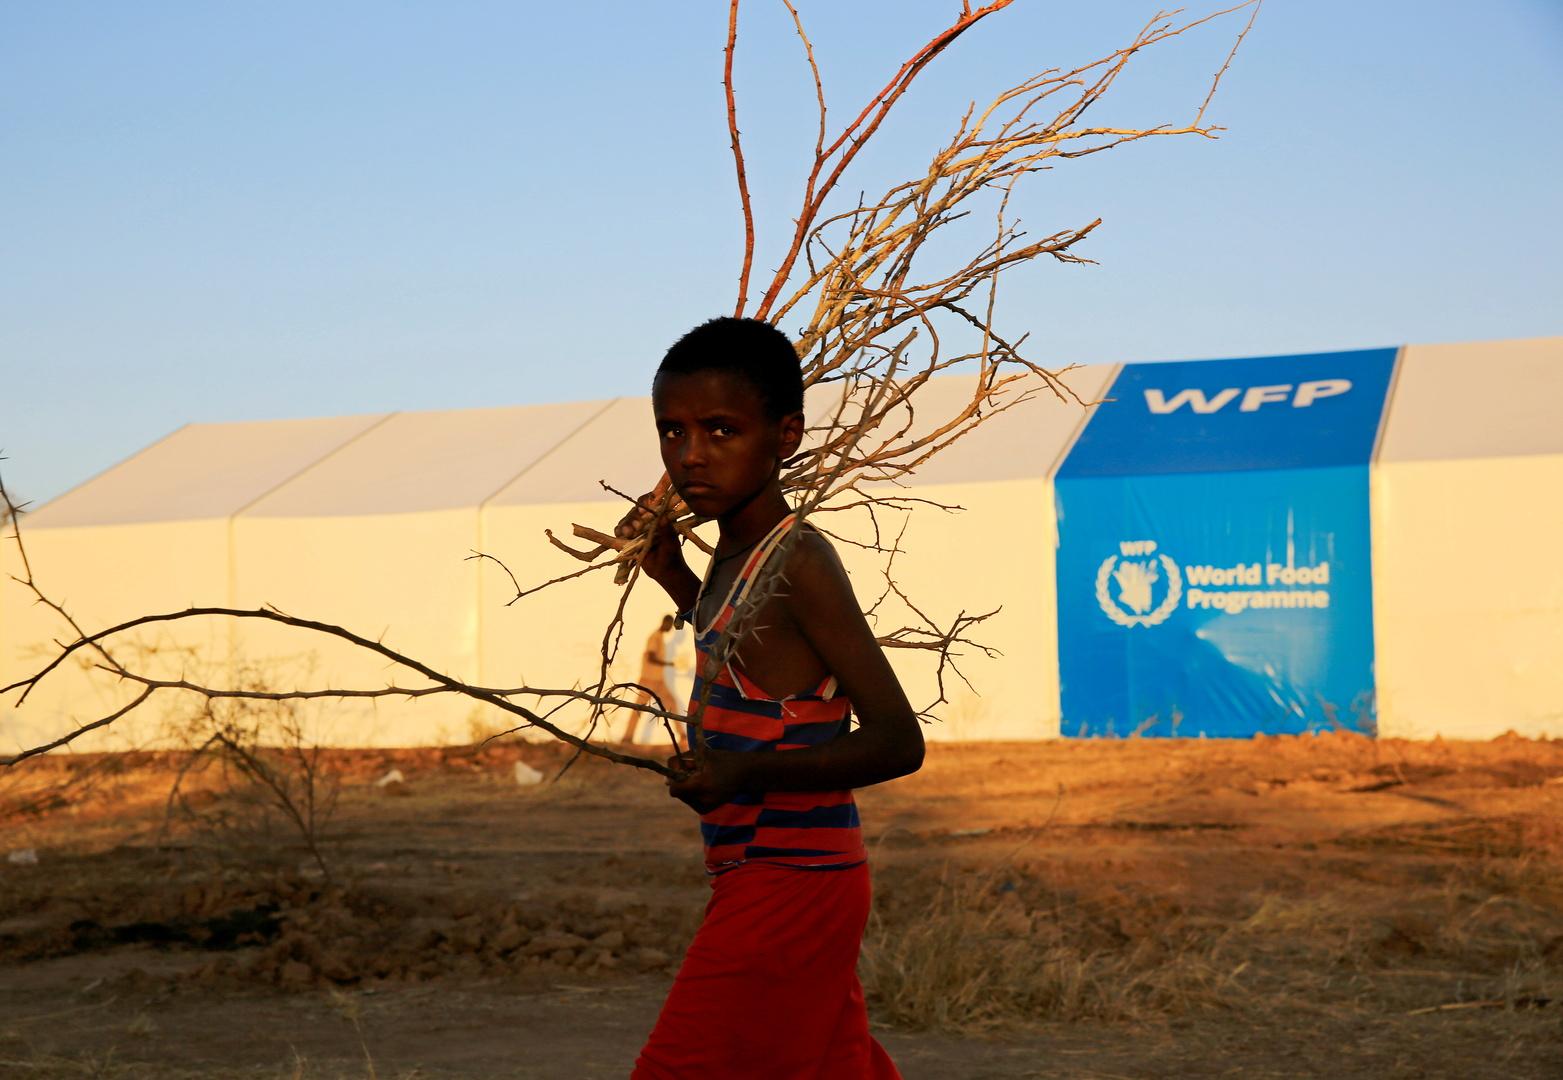 برنامج الأغذية العالمي: انعدام الأمن الغذائي قفز بنسبة 40% هذا العام